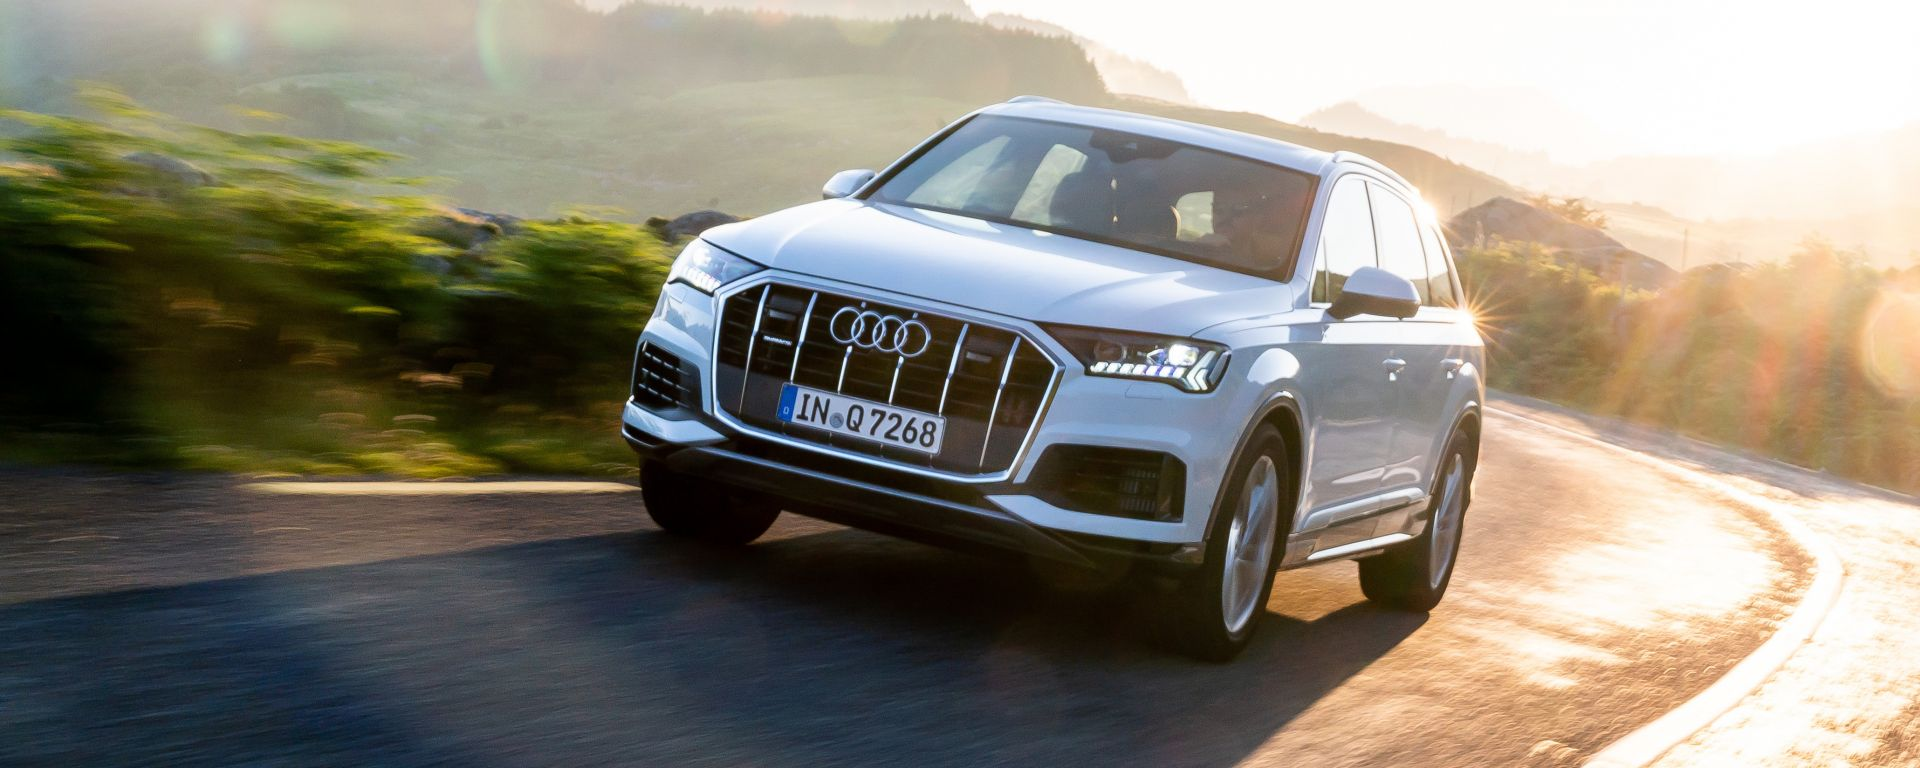 Audi Q7, dettaglio del frontale